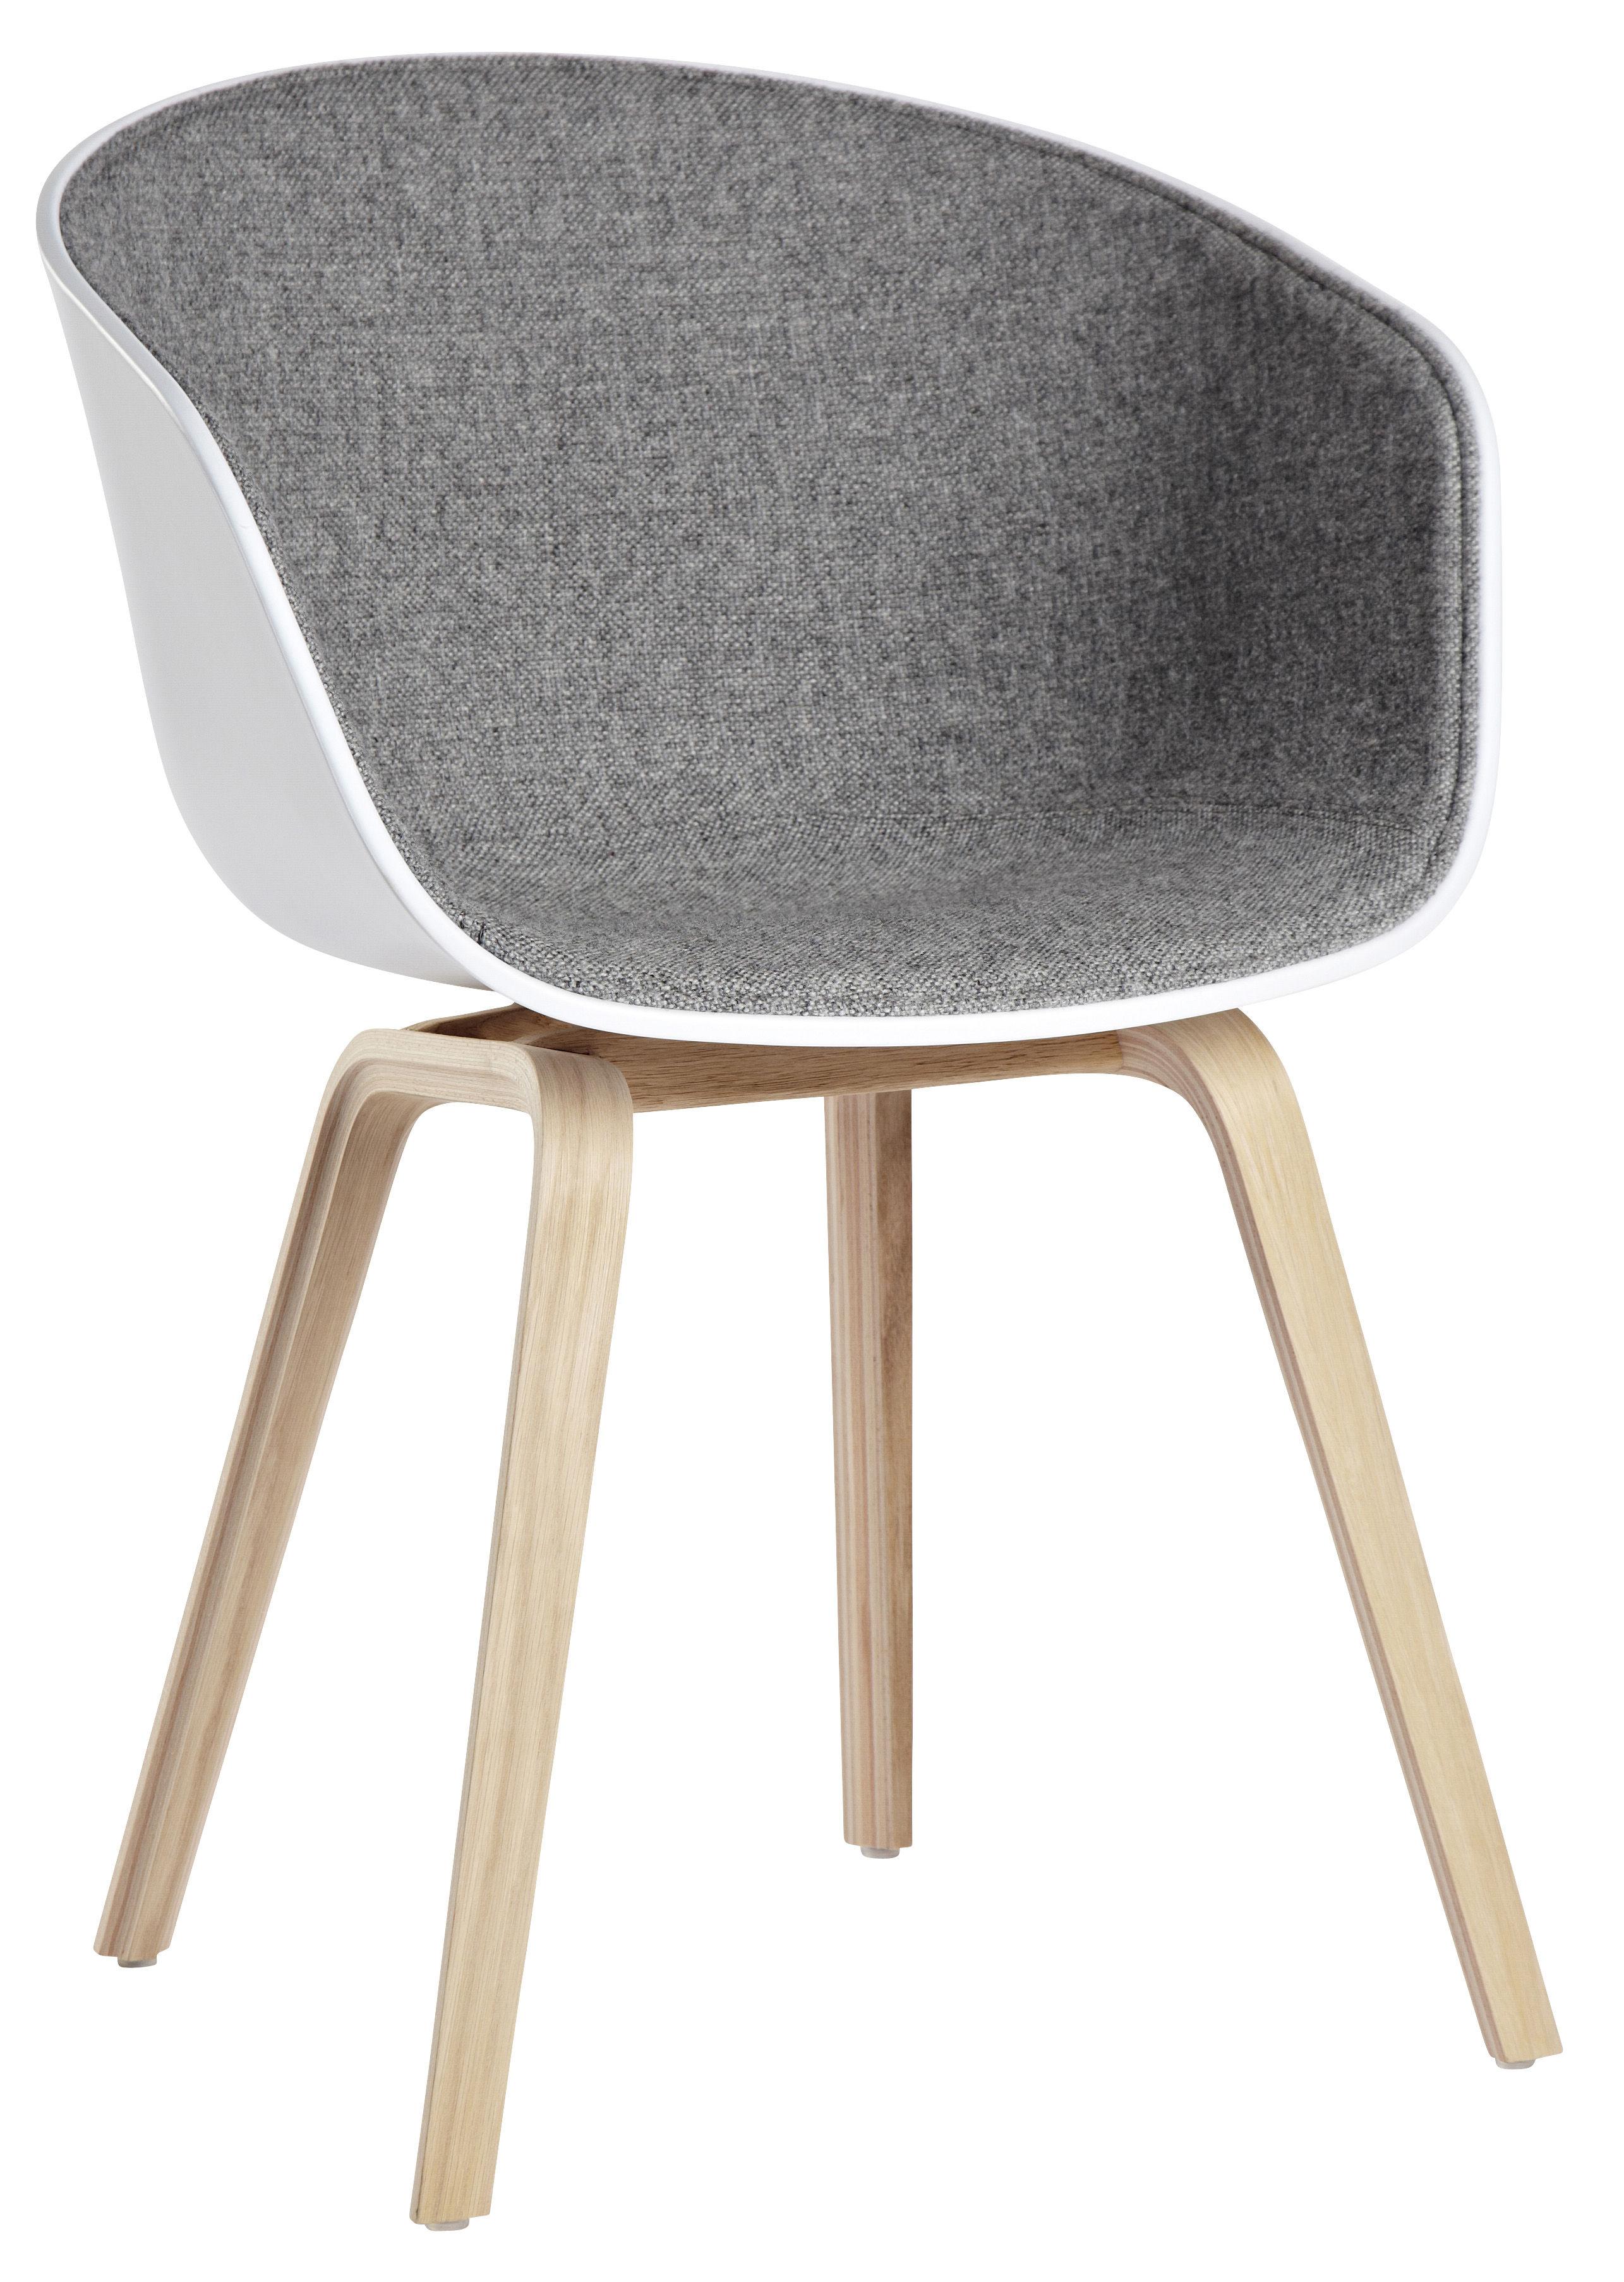 Mobilier - Fauteuils - Fauteuil rembourré About a chair AAC22 /Tissu intérieur & pieds bois - Hay - Blanc & tissu gris clair / Pieds bois naturel - Chêne, Polypropylène, Tissu